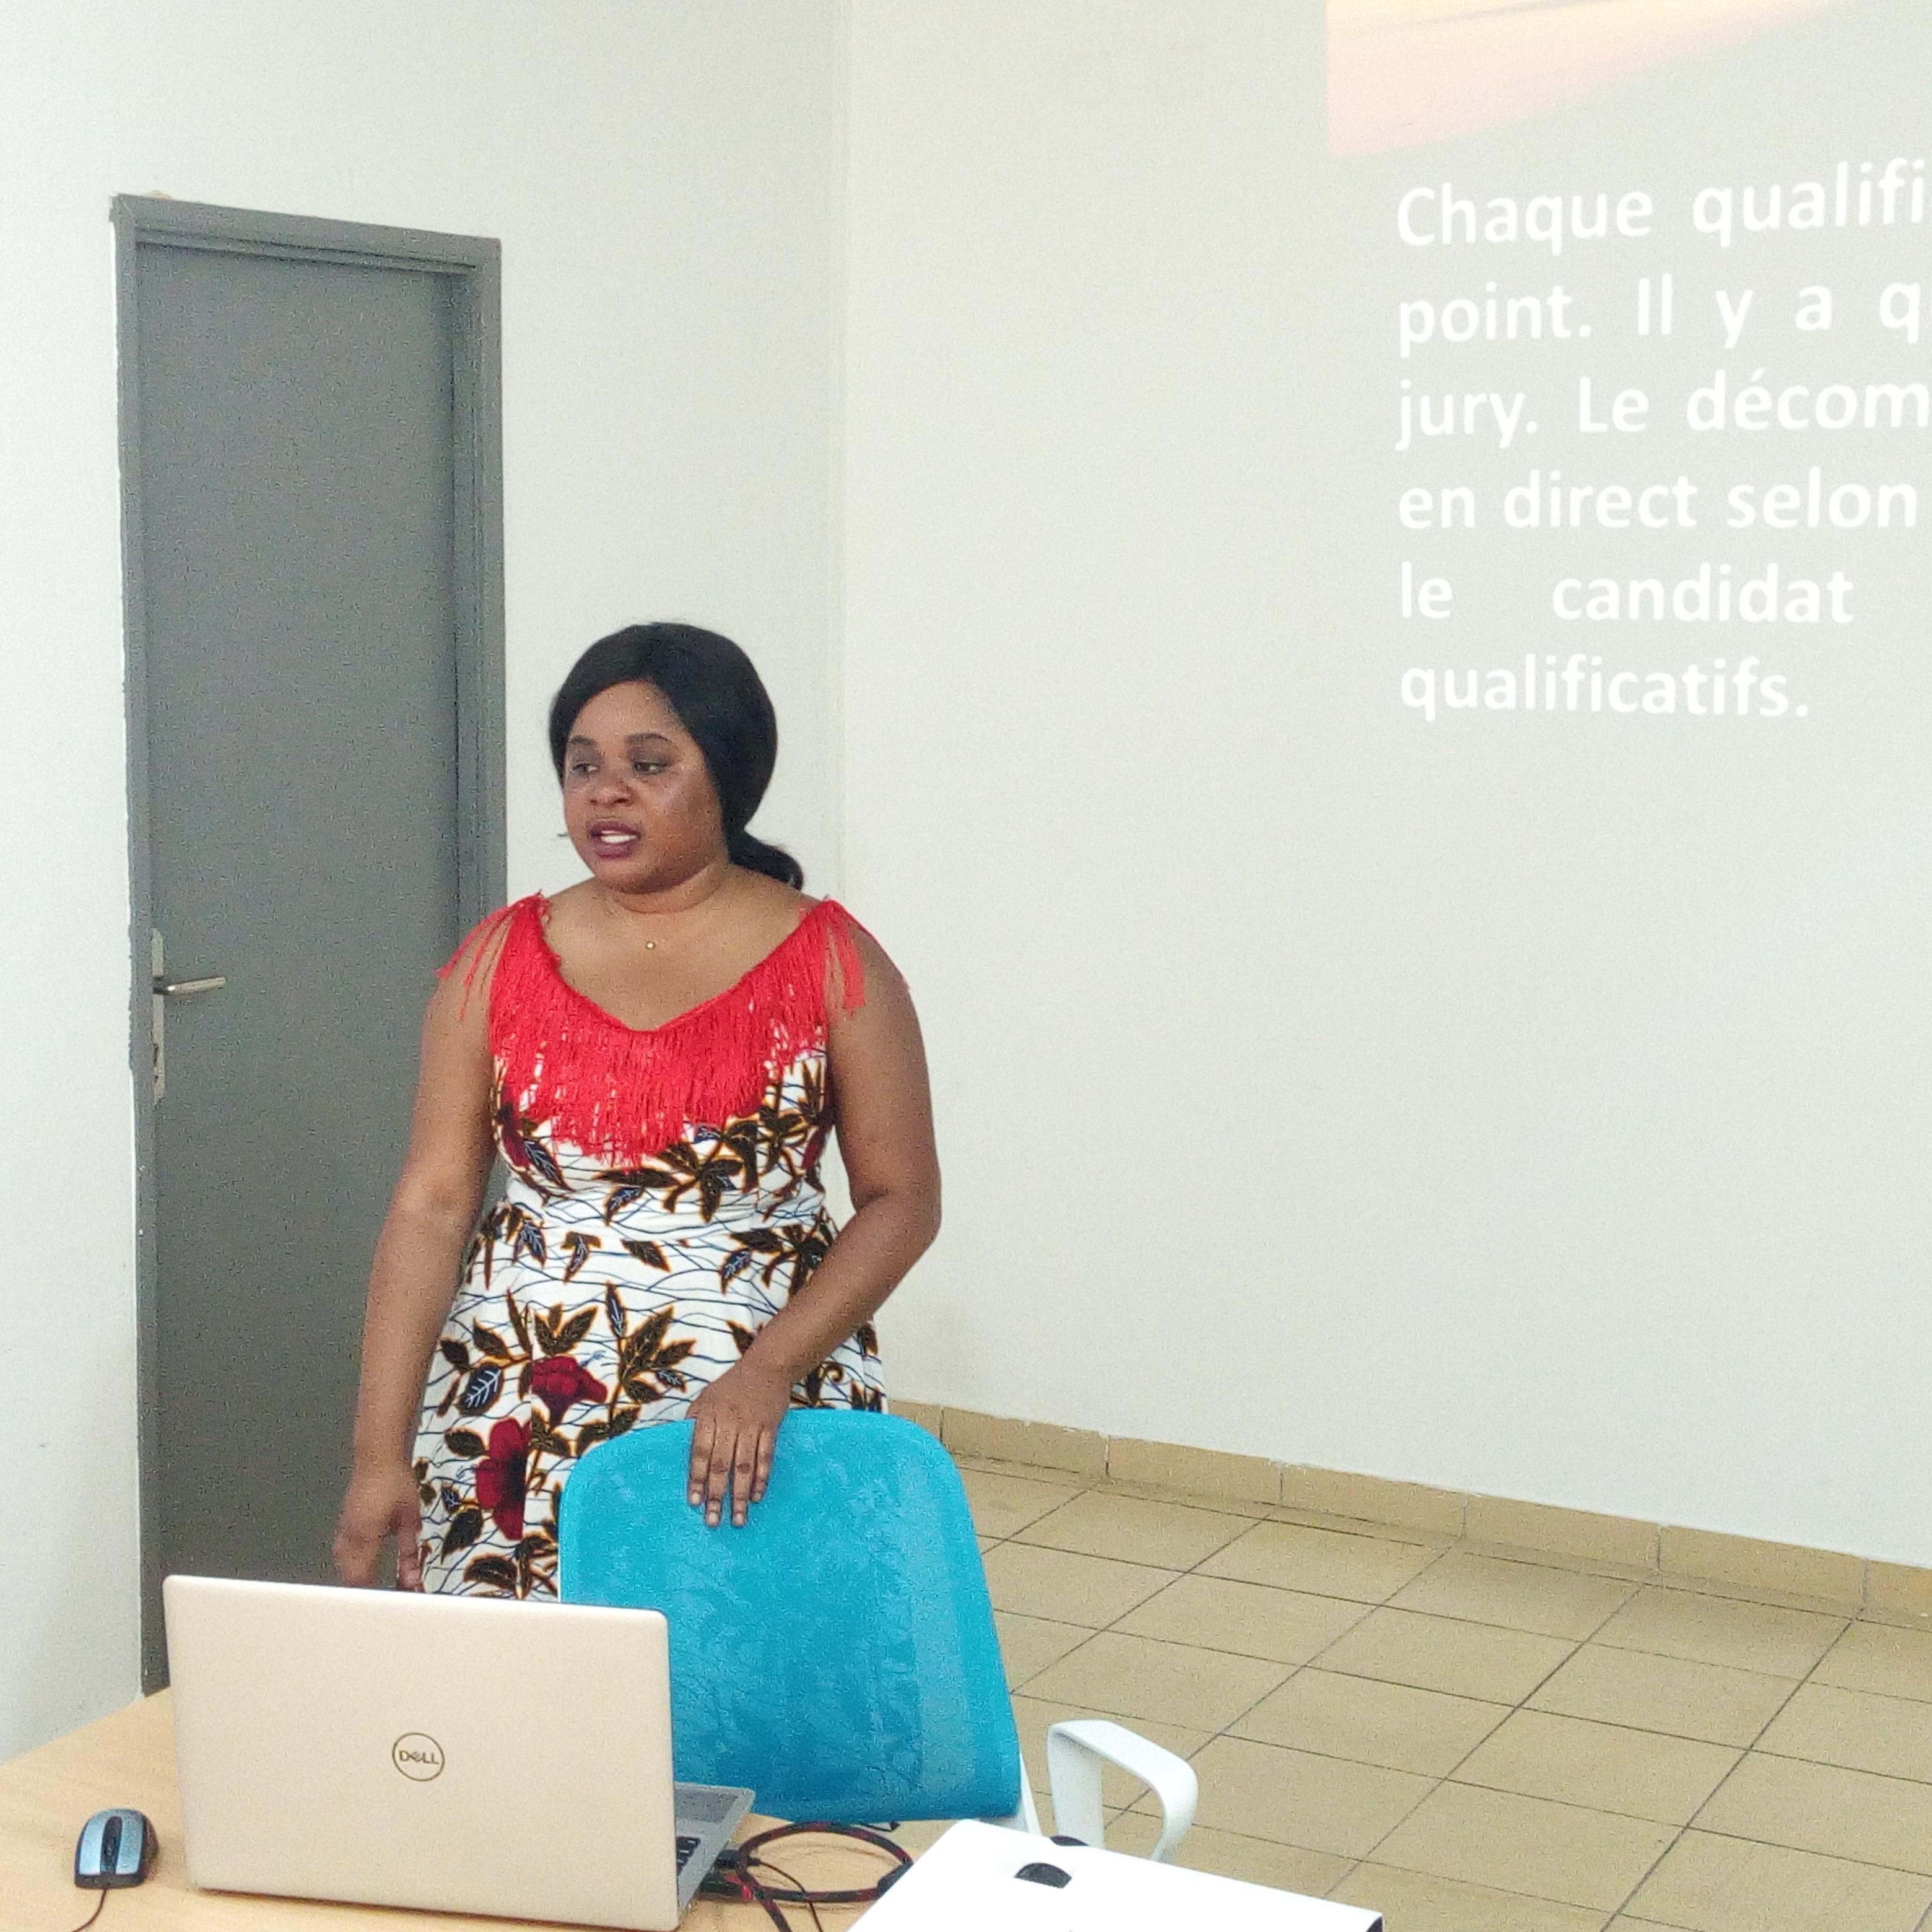 Lutte contre le chômage : Une production télé-réalité pour sélectionner et financer les meilleurs projets en entrepreneuriat